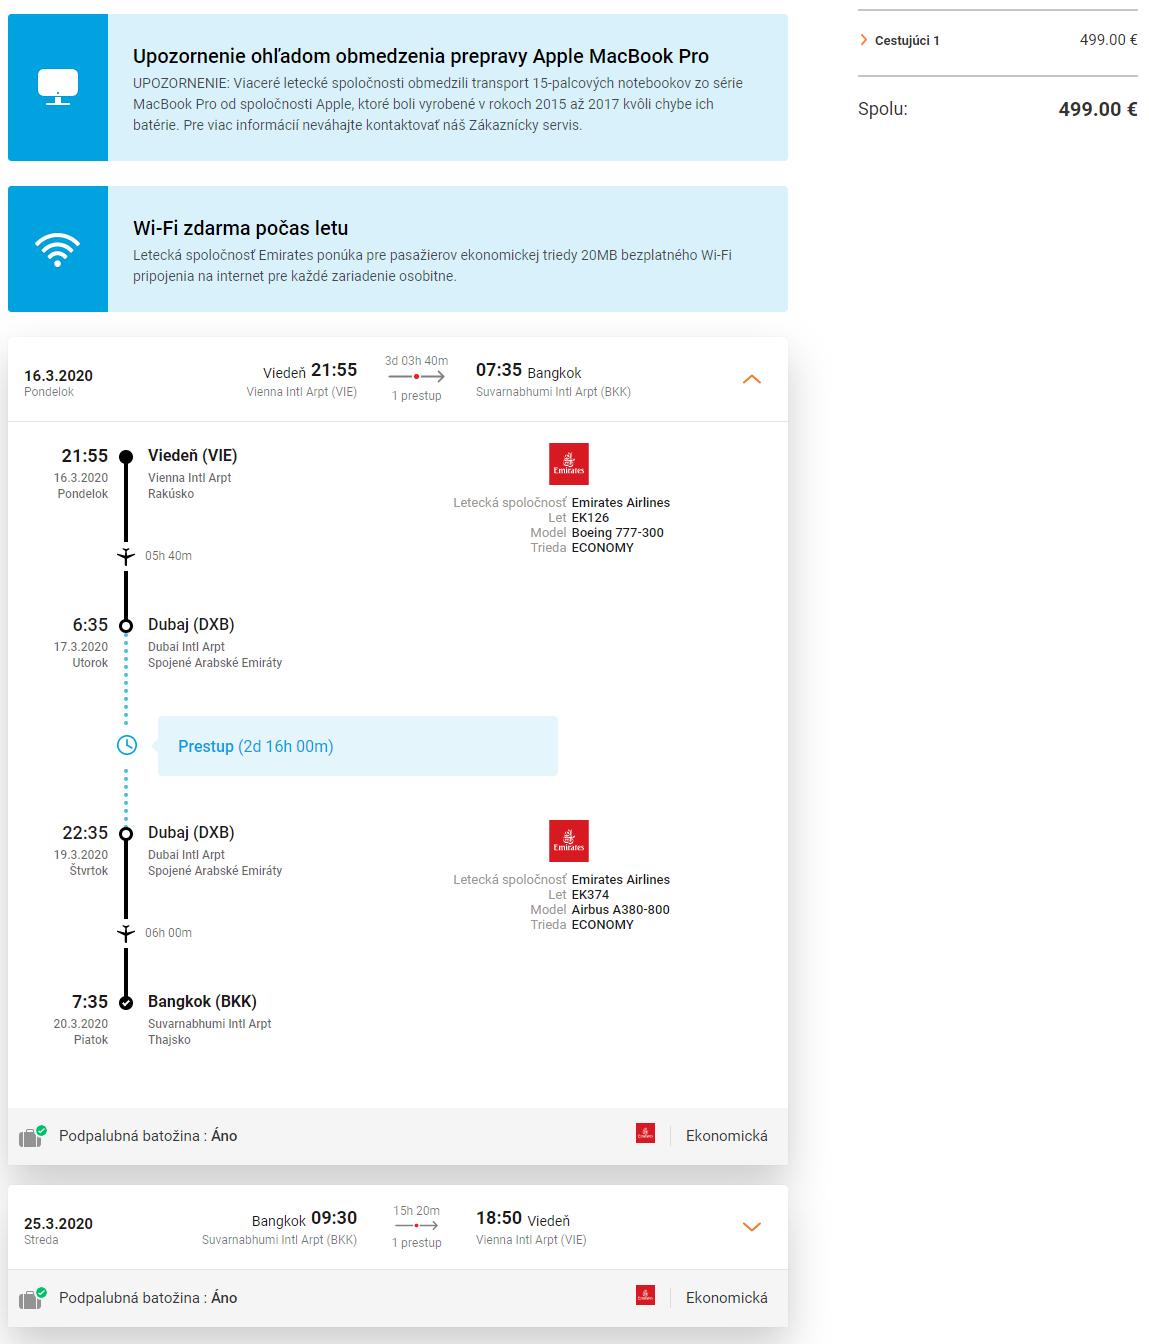 Bangkok + 2 dni v Dubaji s let.spoločnosťou Emirates a letenkami od 499 eur